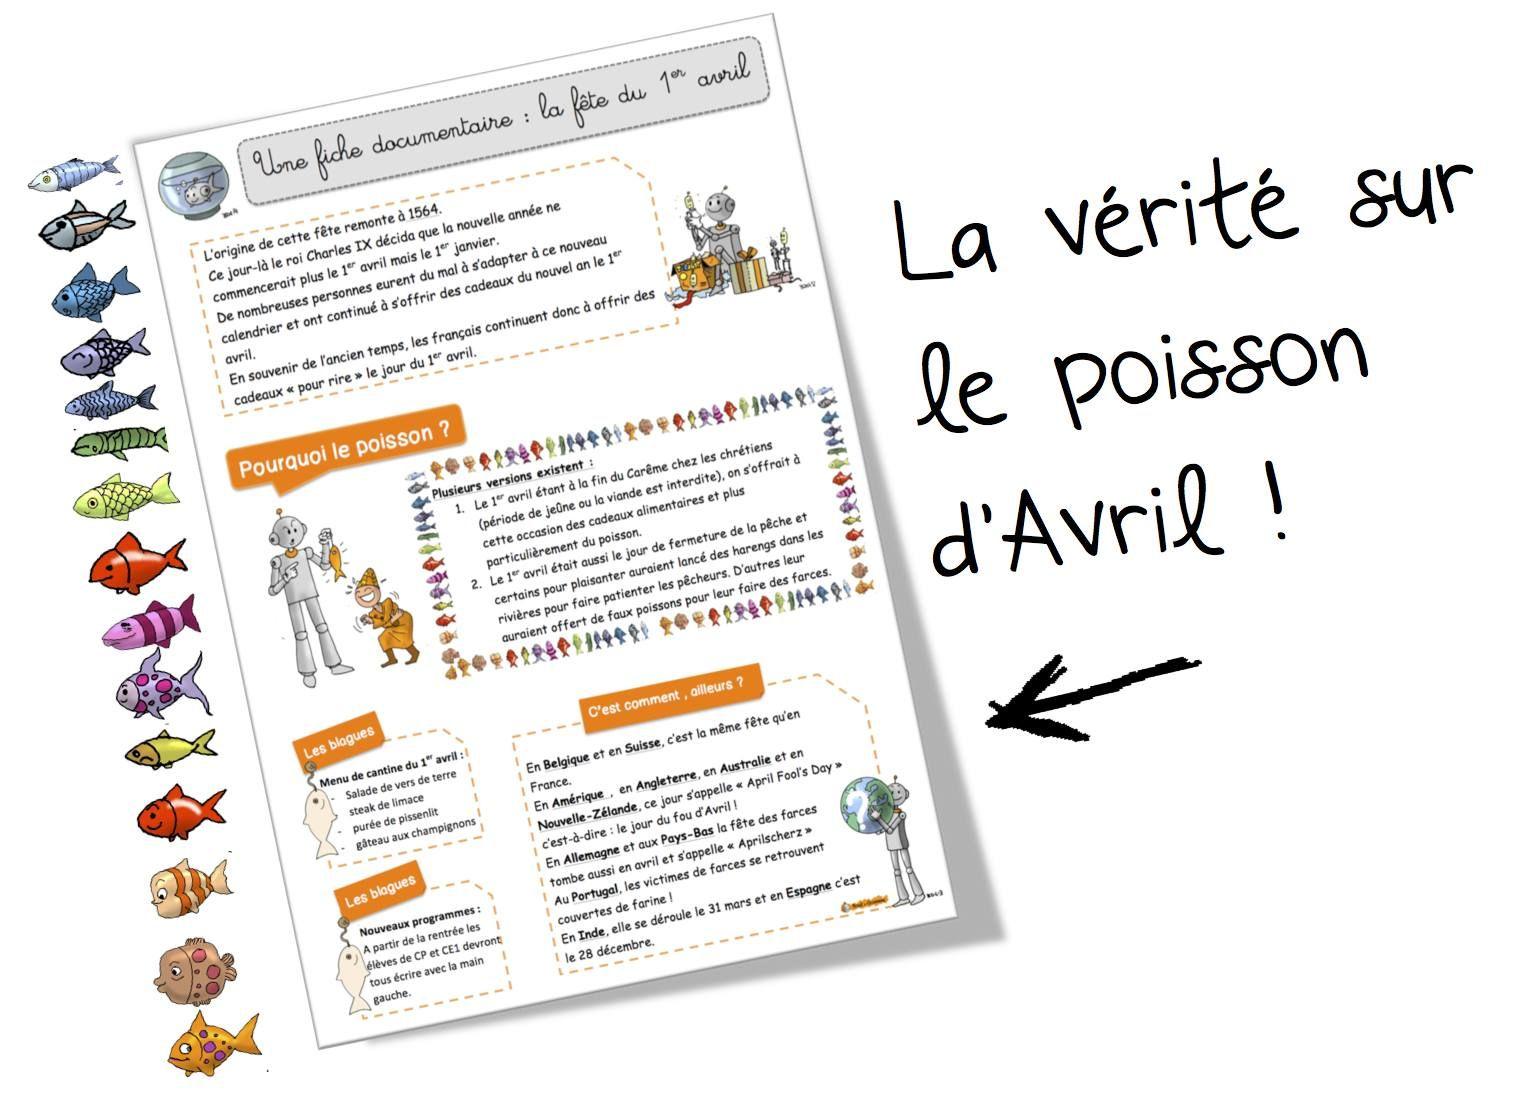 Épinglé Sur French Learning destiné Poisson D Avril Pour Prof